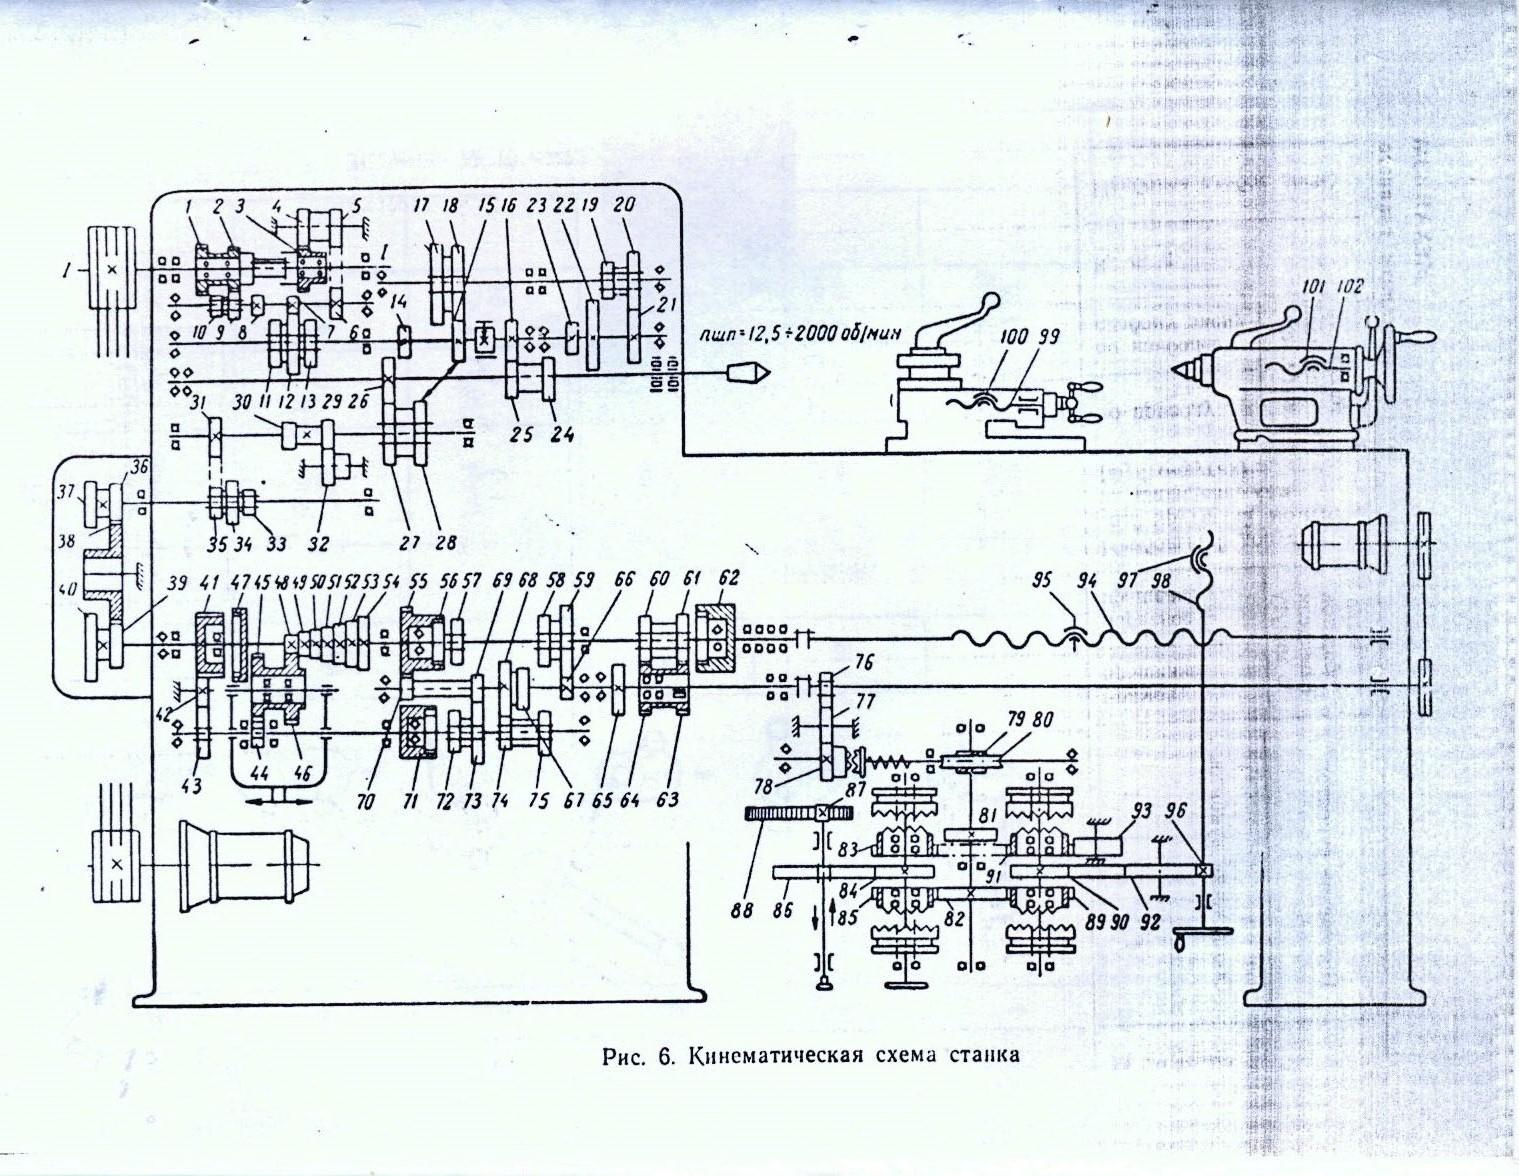 Схема станка дип 300